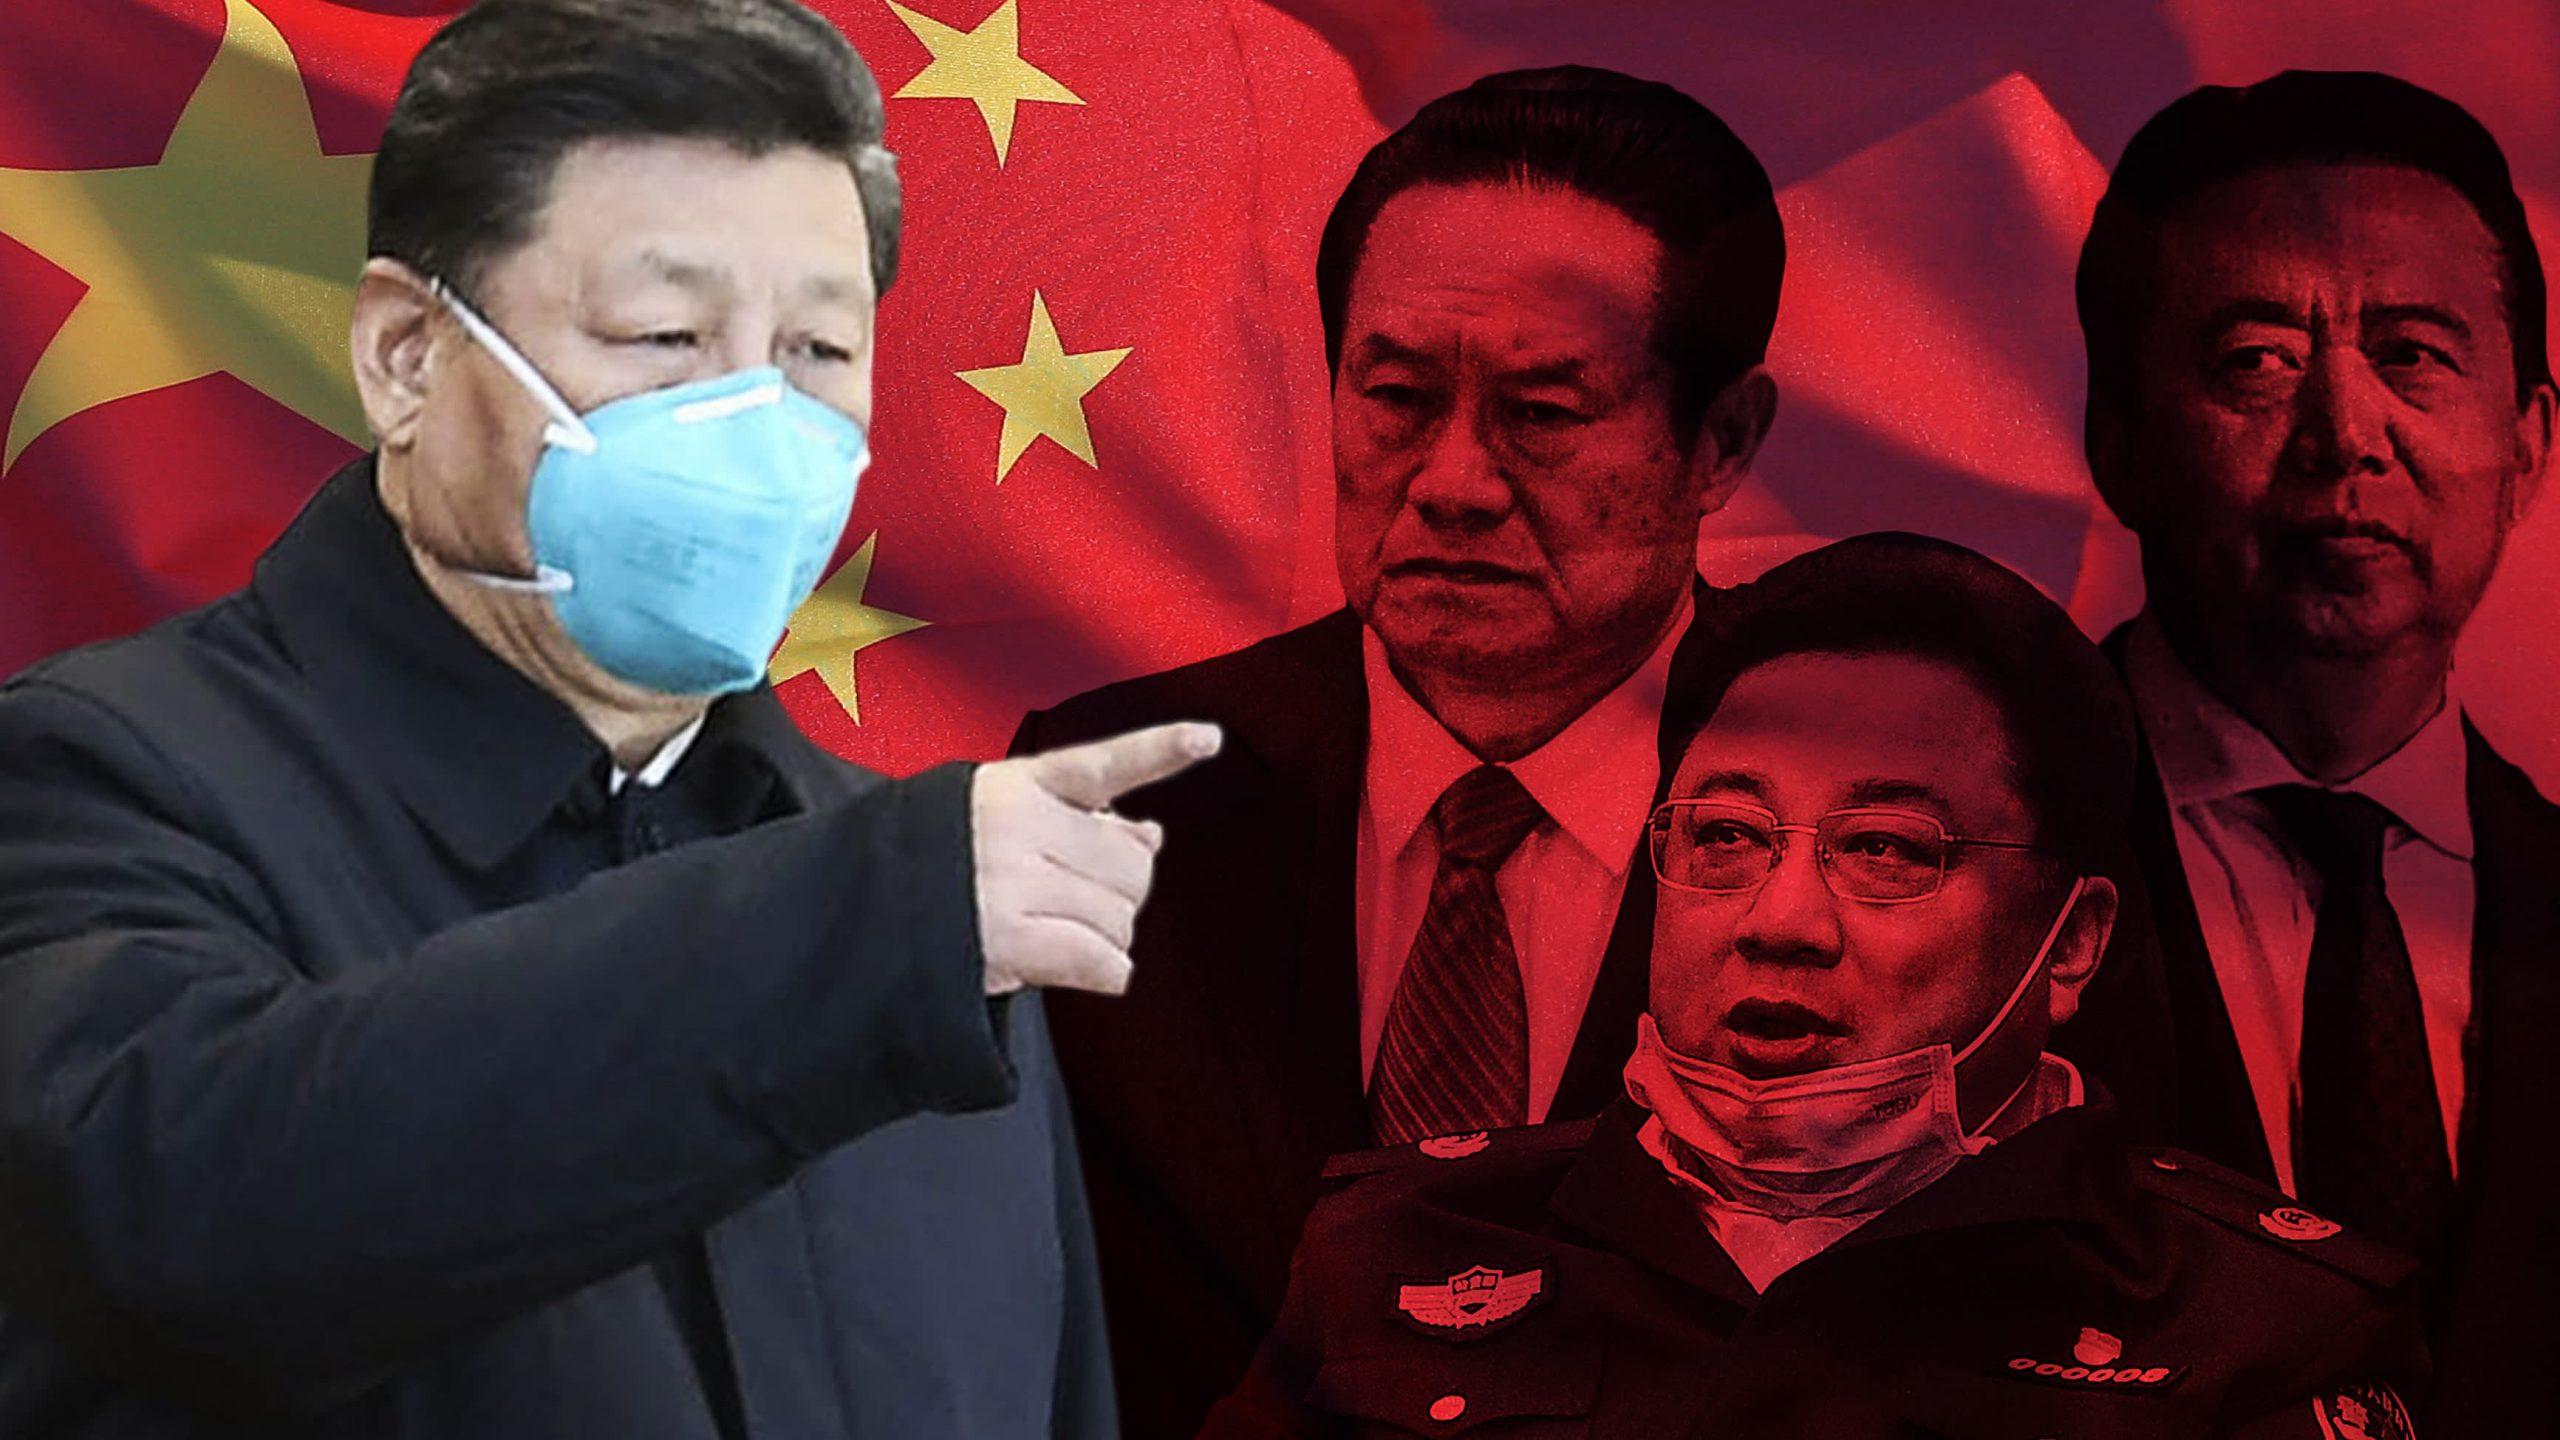 """Le président chinois Xi Jinping a """"préparé"""" la double session parlement du 21 mai 2020 en limogeant Sun Lijun (en bas avec le masque), maillon essentiel de la Sécurité publique, lié aux réseaux de Zhou Yongkang (en haut à gauche), dont faisait partie l'ancien président d'Interpol, Meng Hongwei, lui aussi brutalement """"démissionné"""". (Source : Asia Nikkei Review)"""